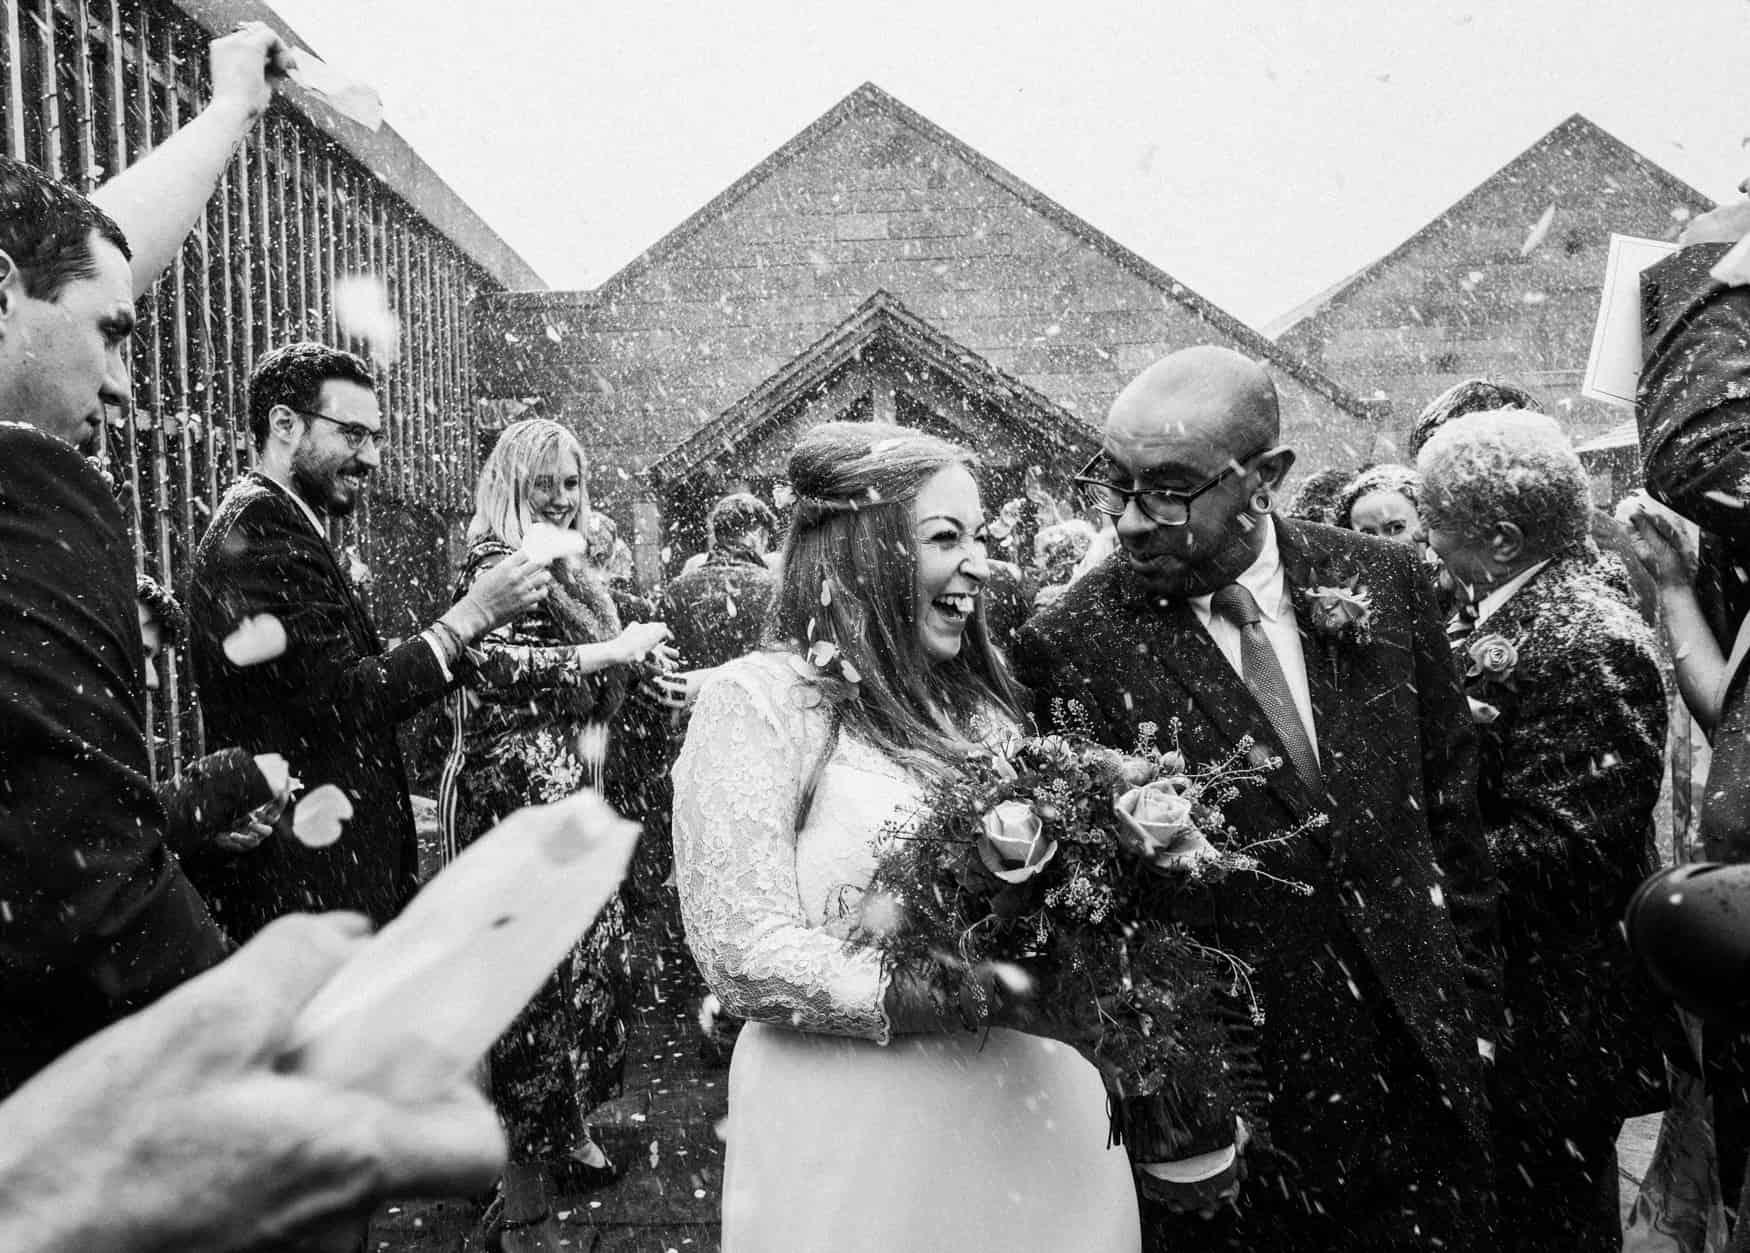 snow and confetti shot